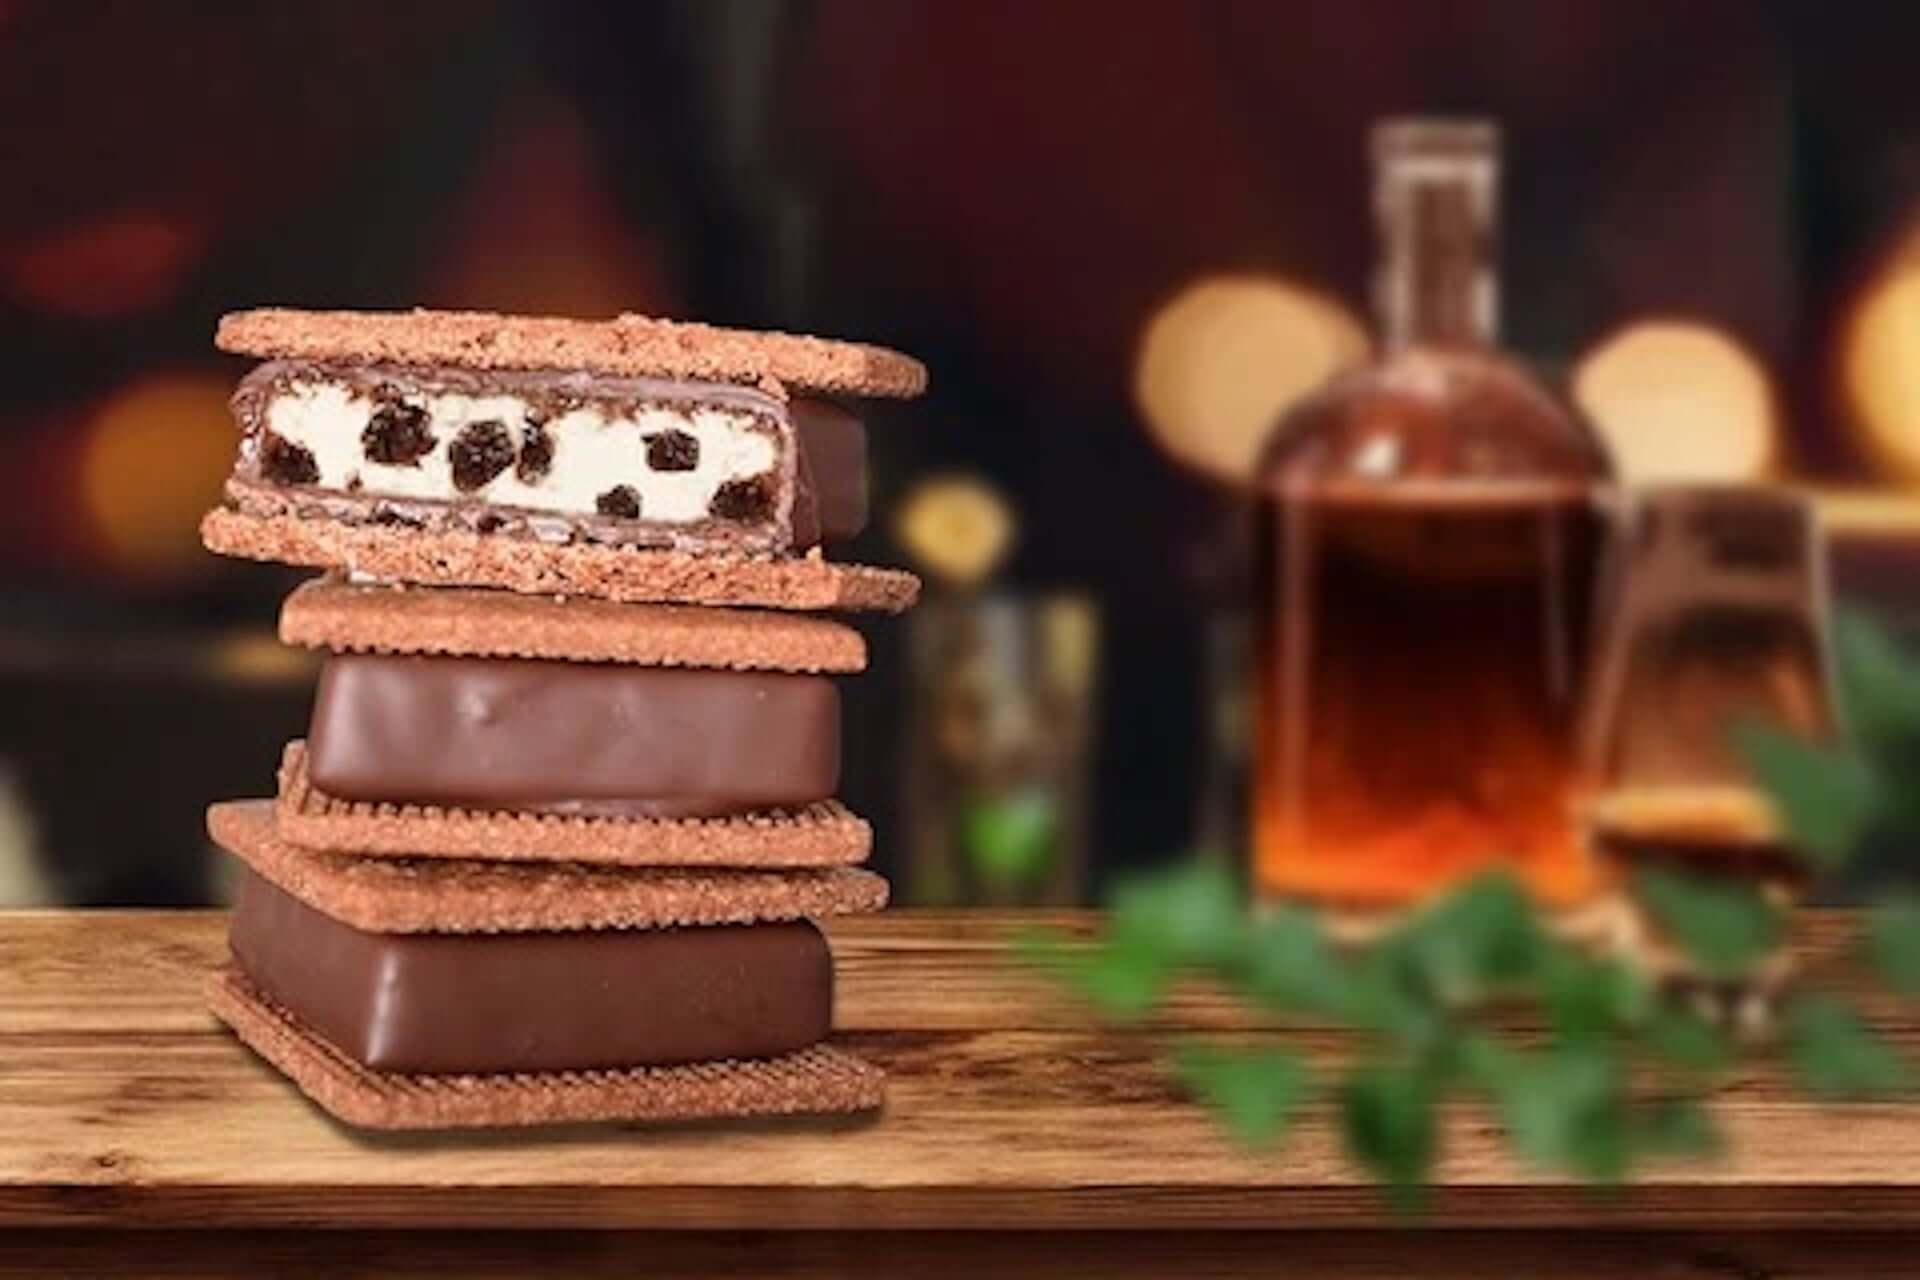 香り豊かなラムレーズンとホワイトチョコレートがコラボ!「信州ショコラトリーGAKU」から新たなチョコレートサンドが登場 gourmet210318_gaku-chocolate_5-1920x1280